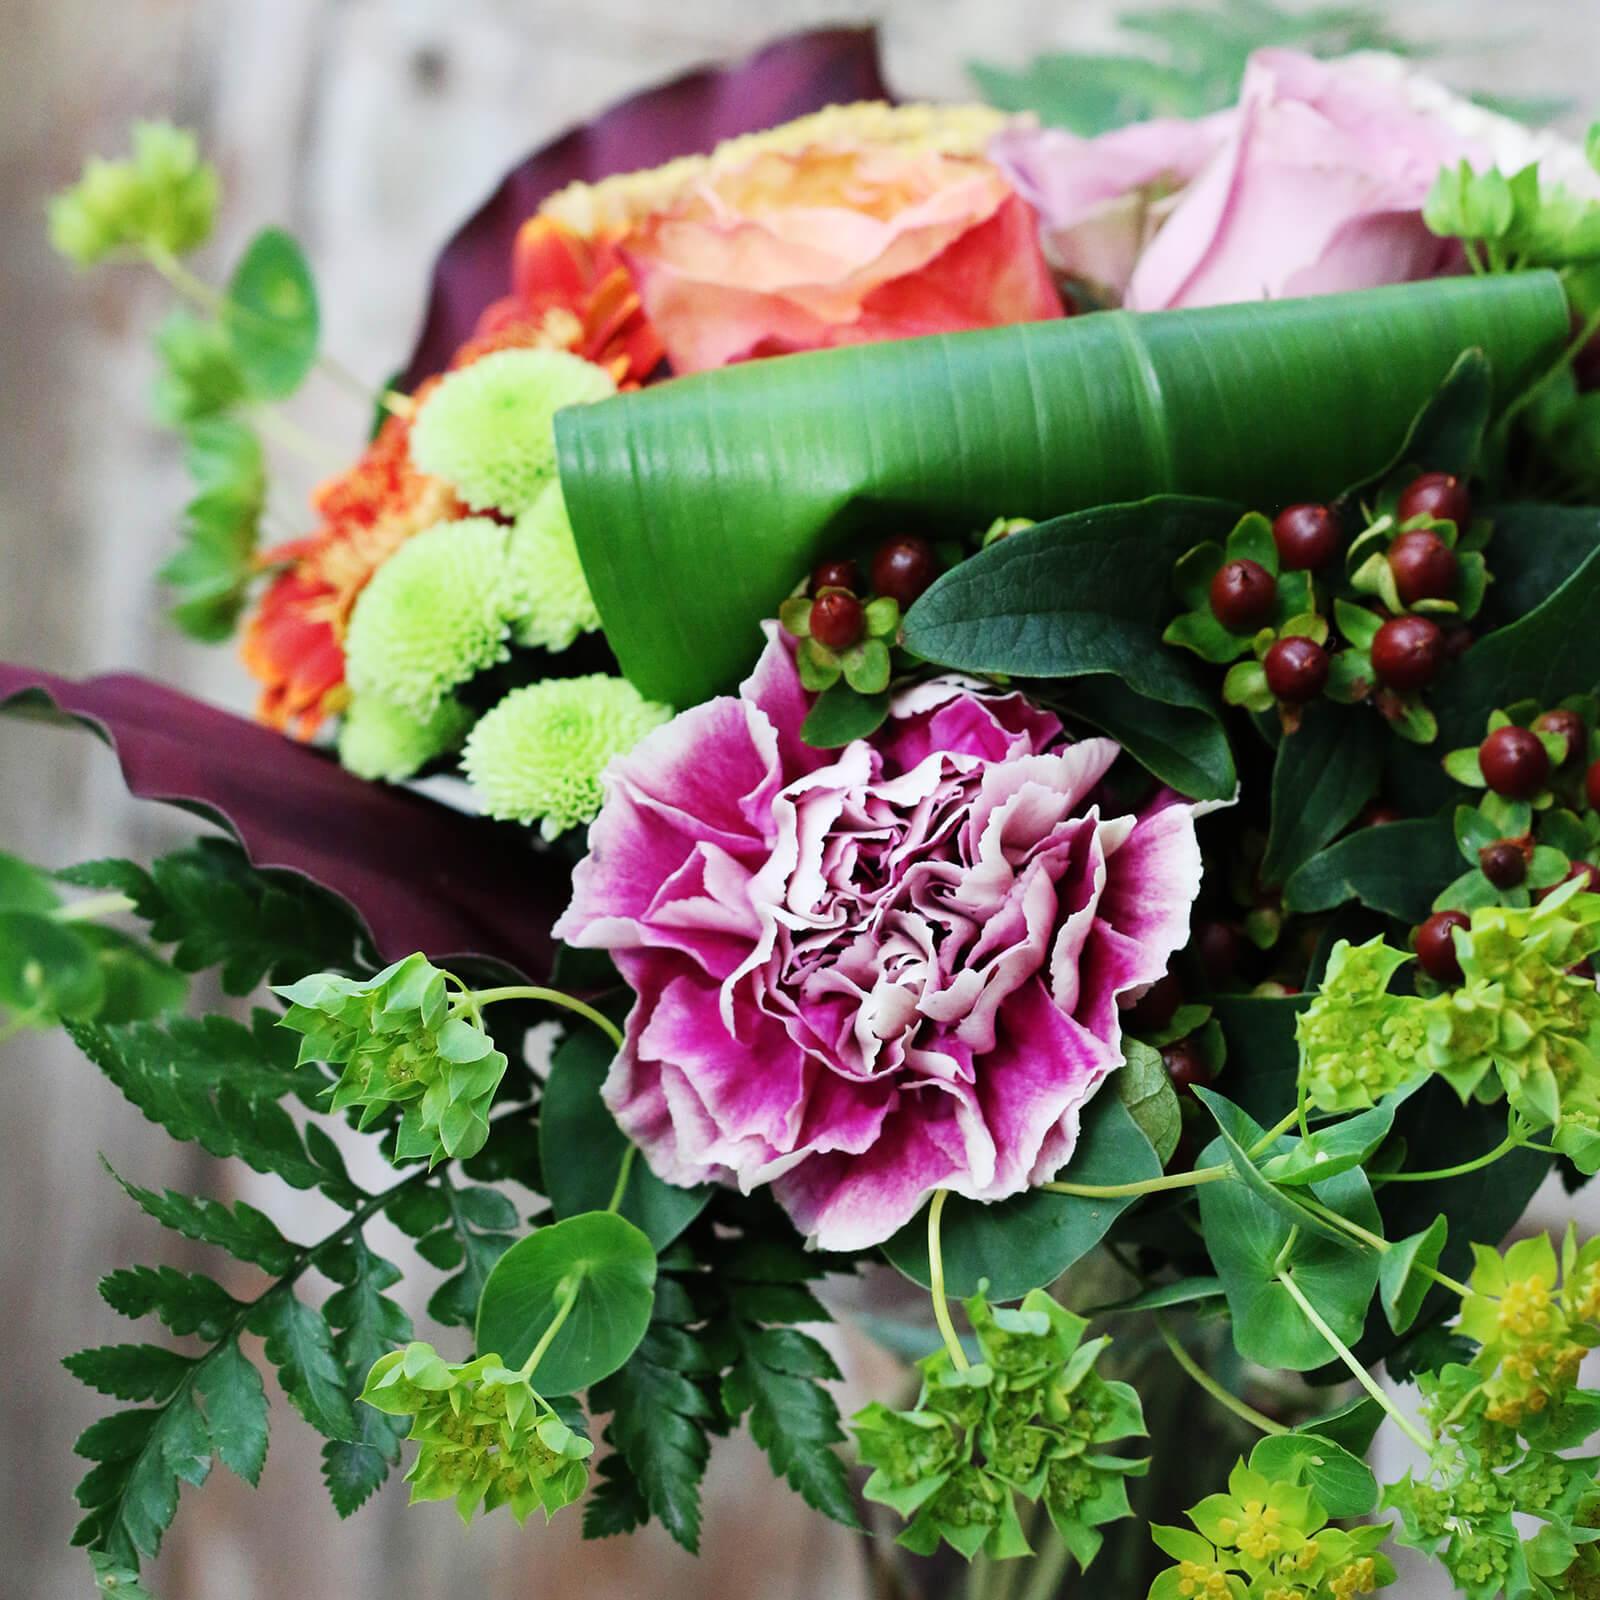 Kompakt bukett med blandade blommor.